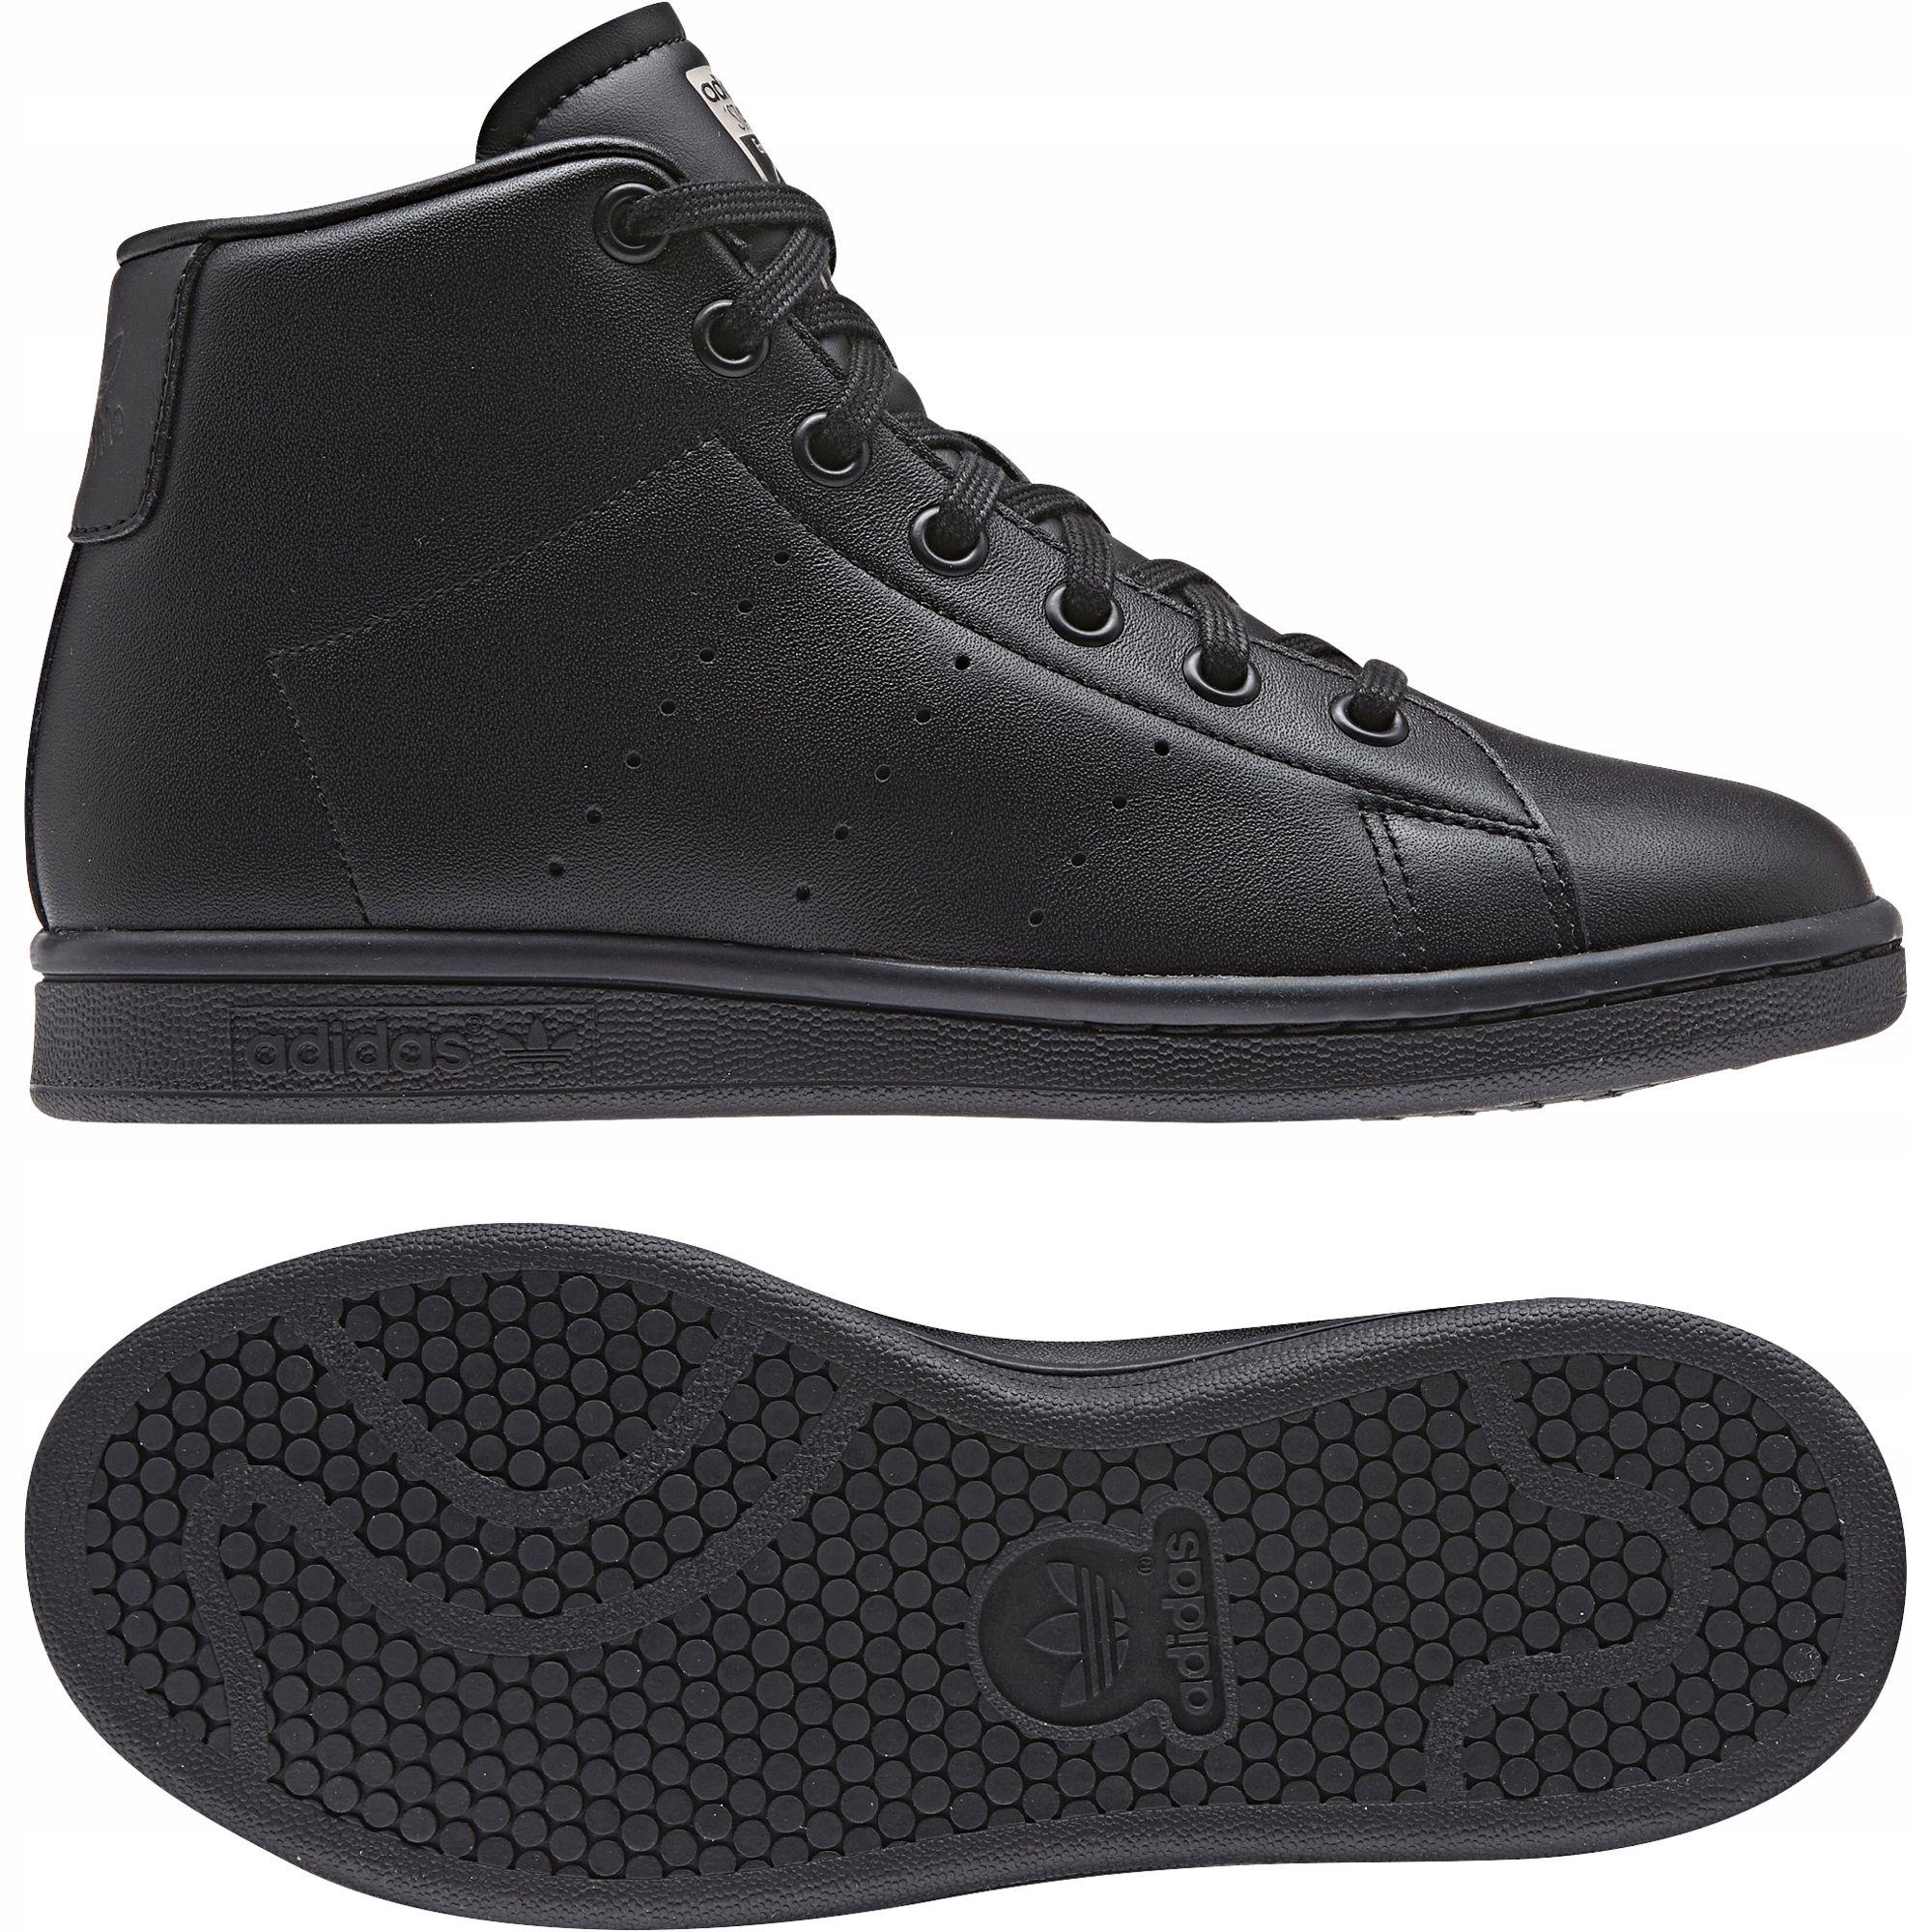 Retro topánky Adidas Stan Smith Mid BZ0097 38,5